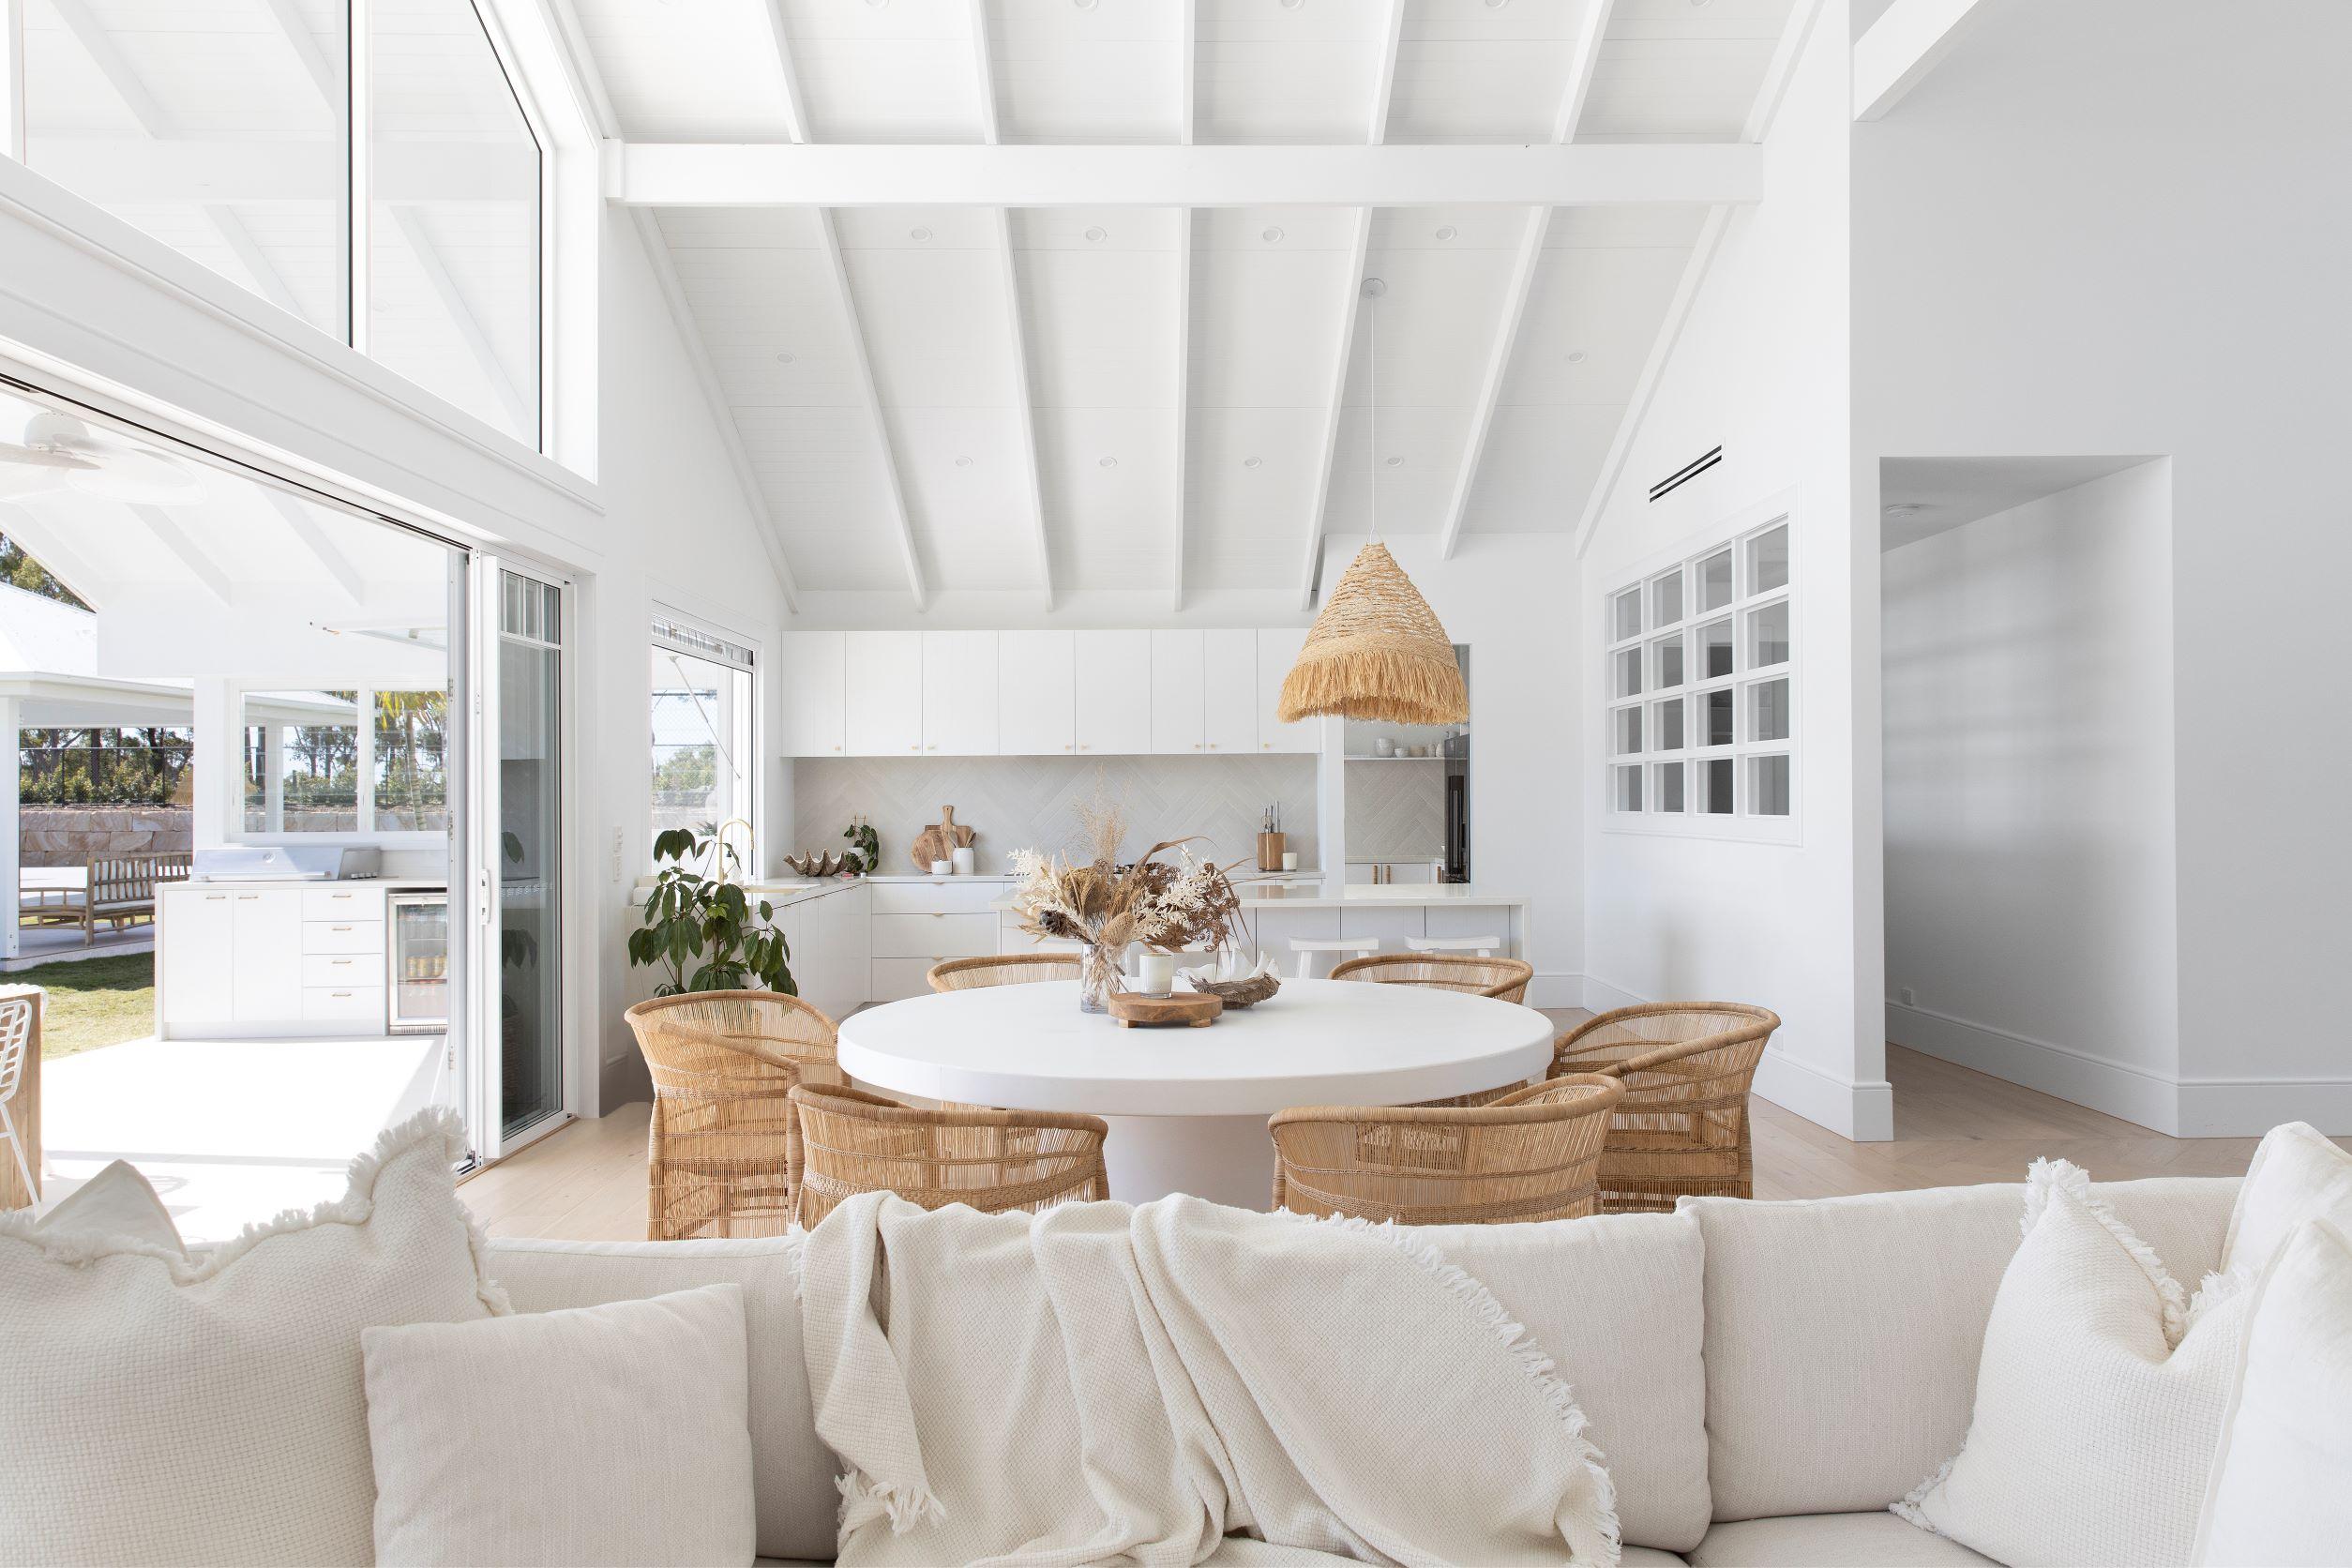 the-coastal-barn-dream-home-interior-design